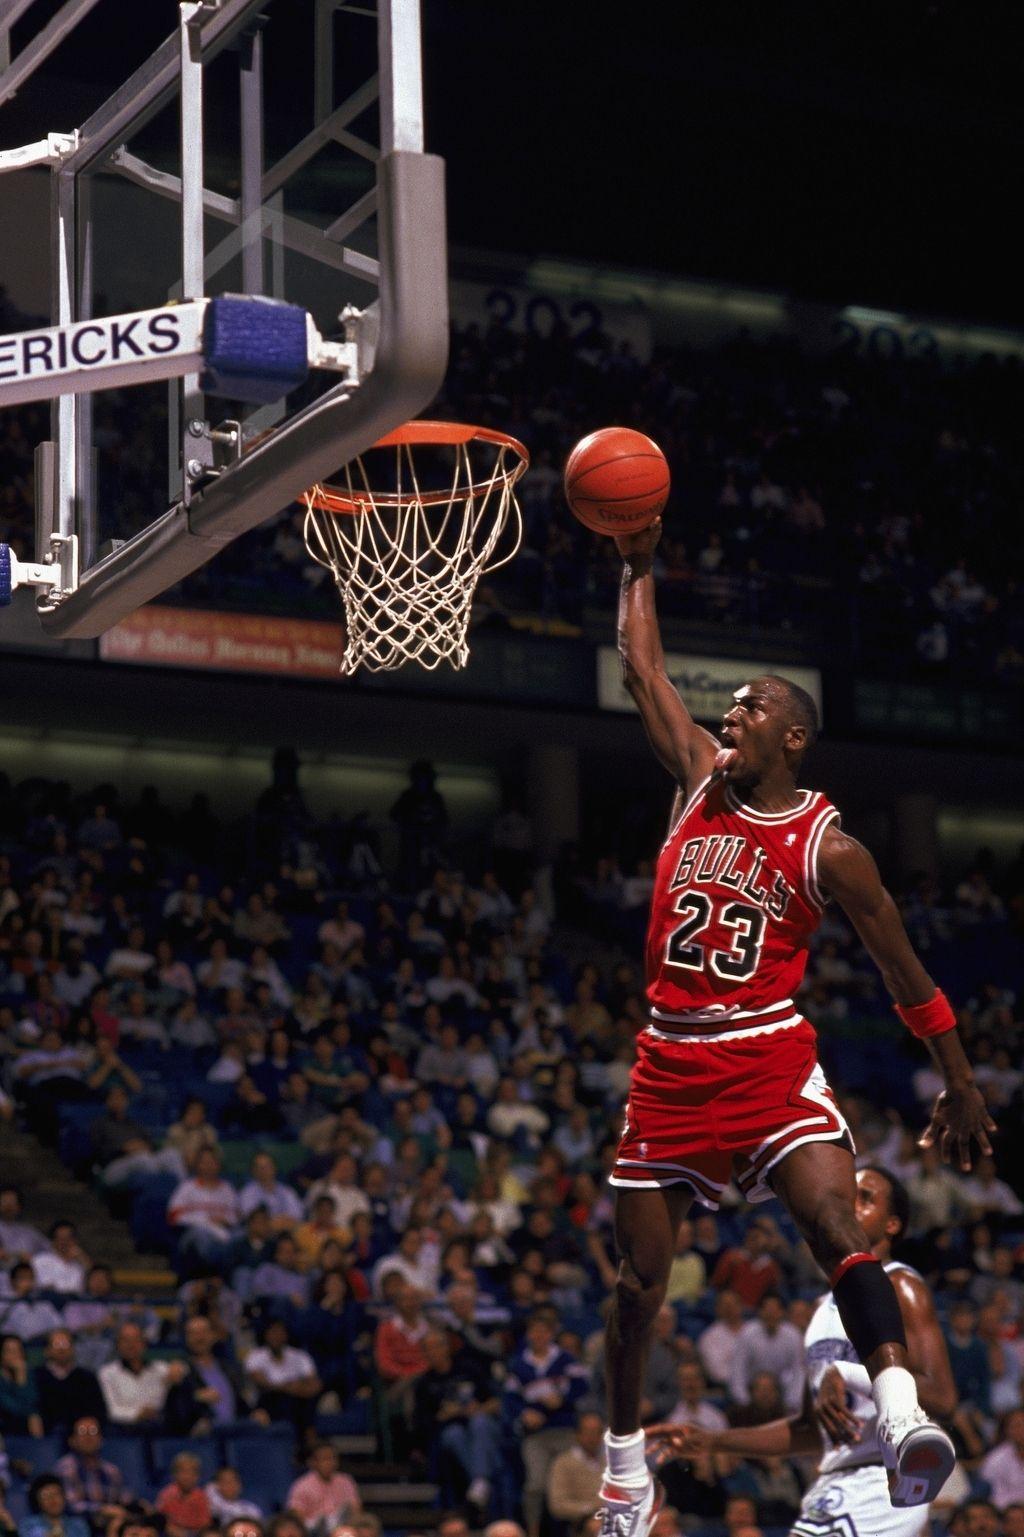 Michael Jordan Number